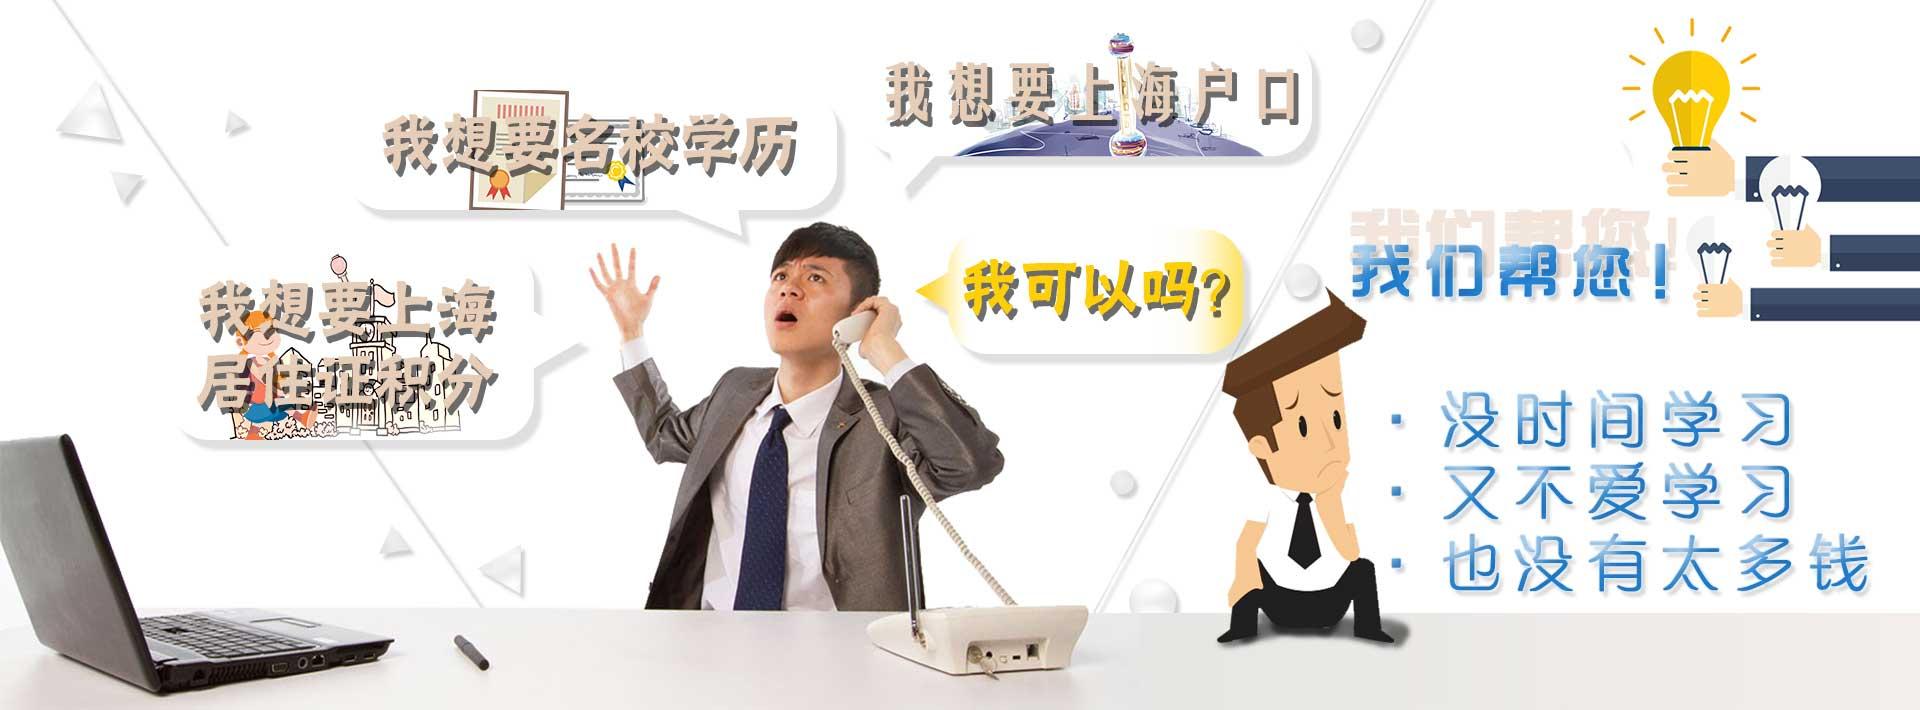 知英助您上海居转户 上海居住证积分 上海居住证转户口